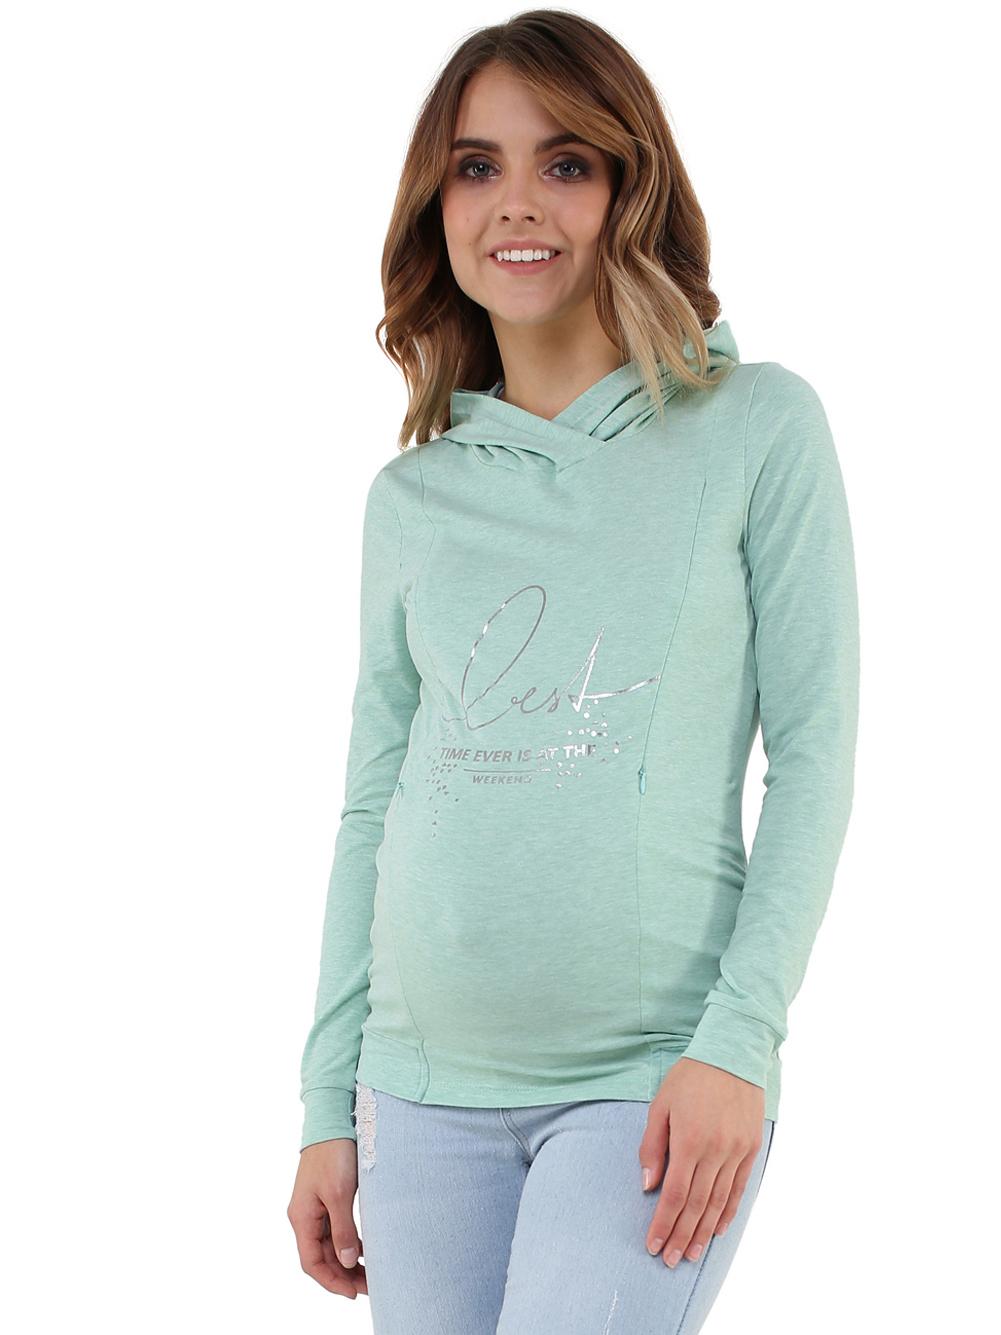 Одежда для кормящих мам - Kidster.ru - интернет-магазин для мам и детей ea4071e827e